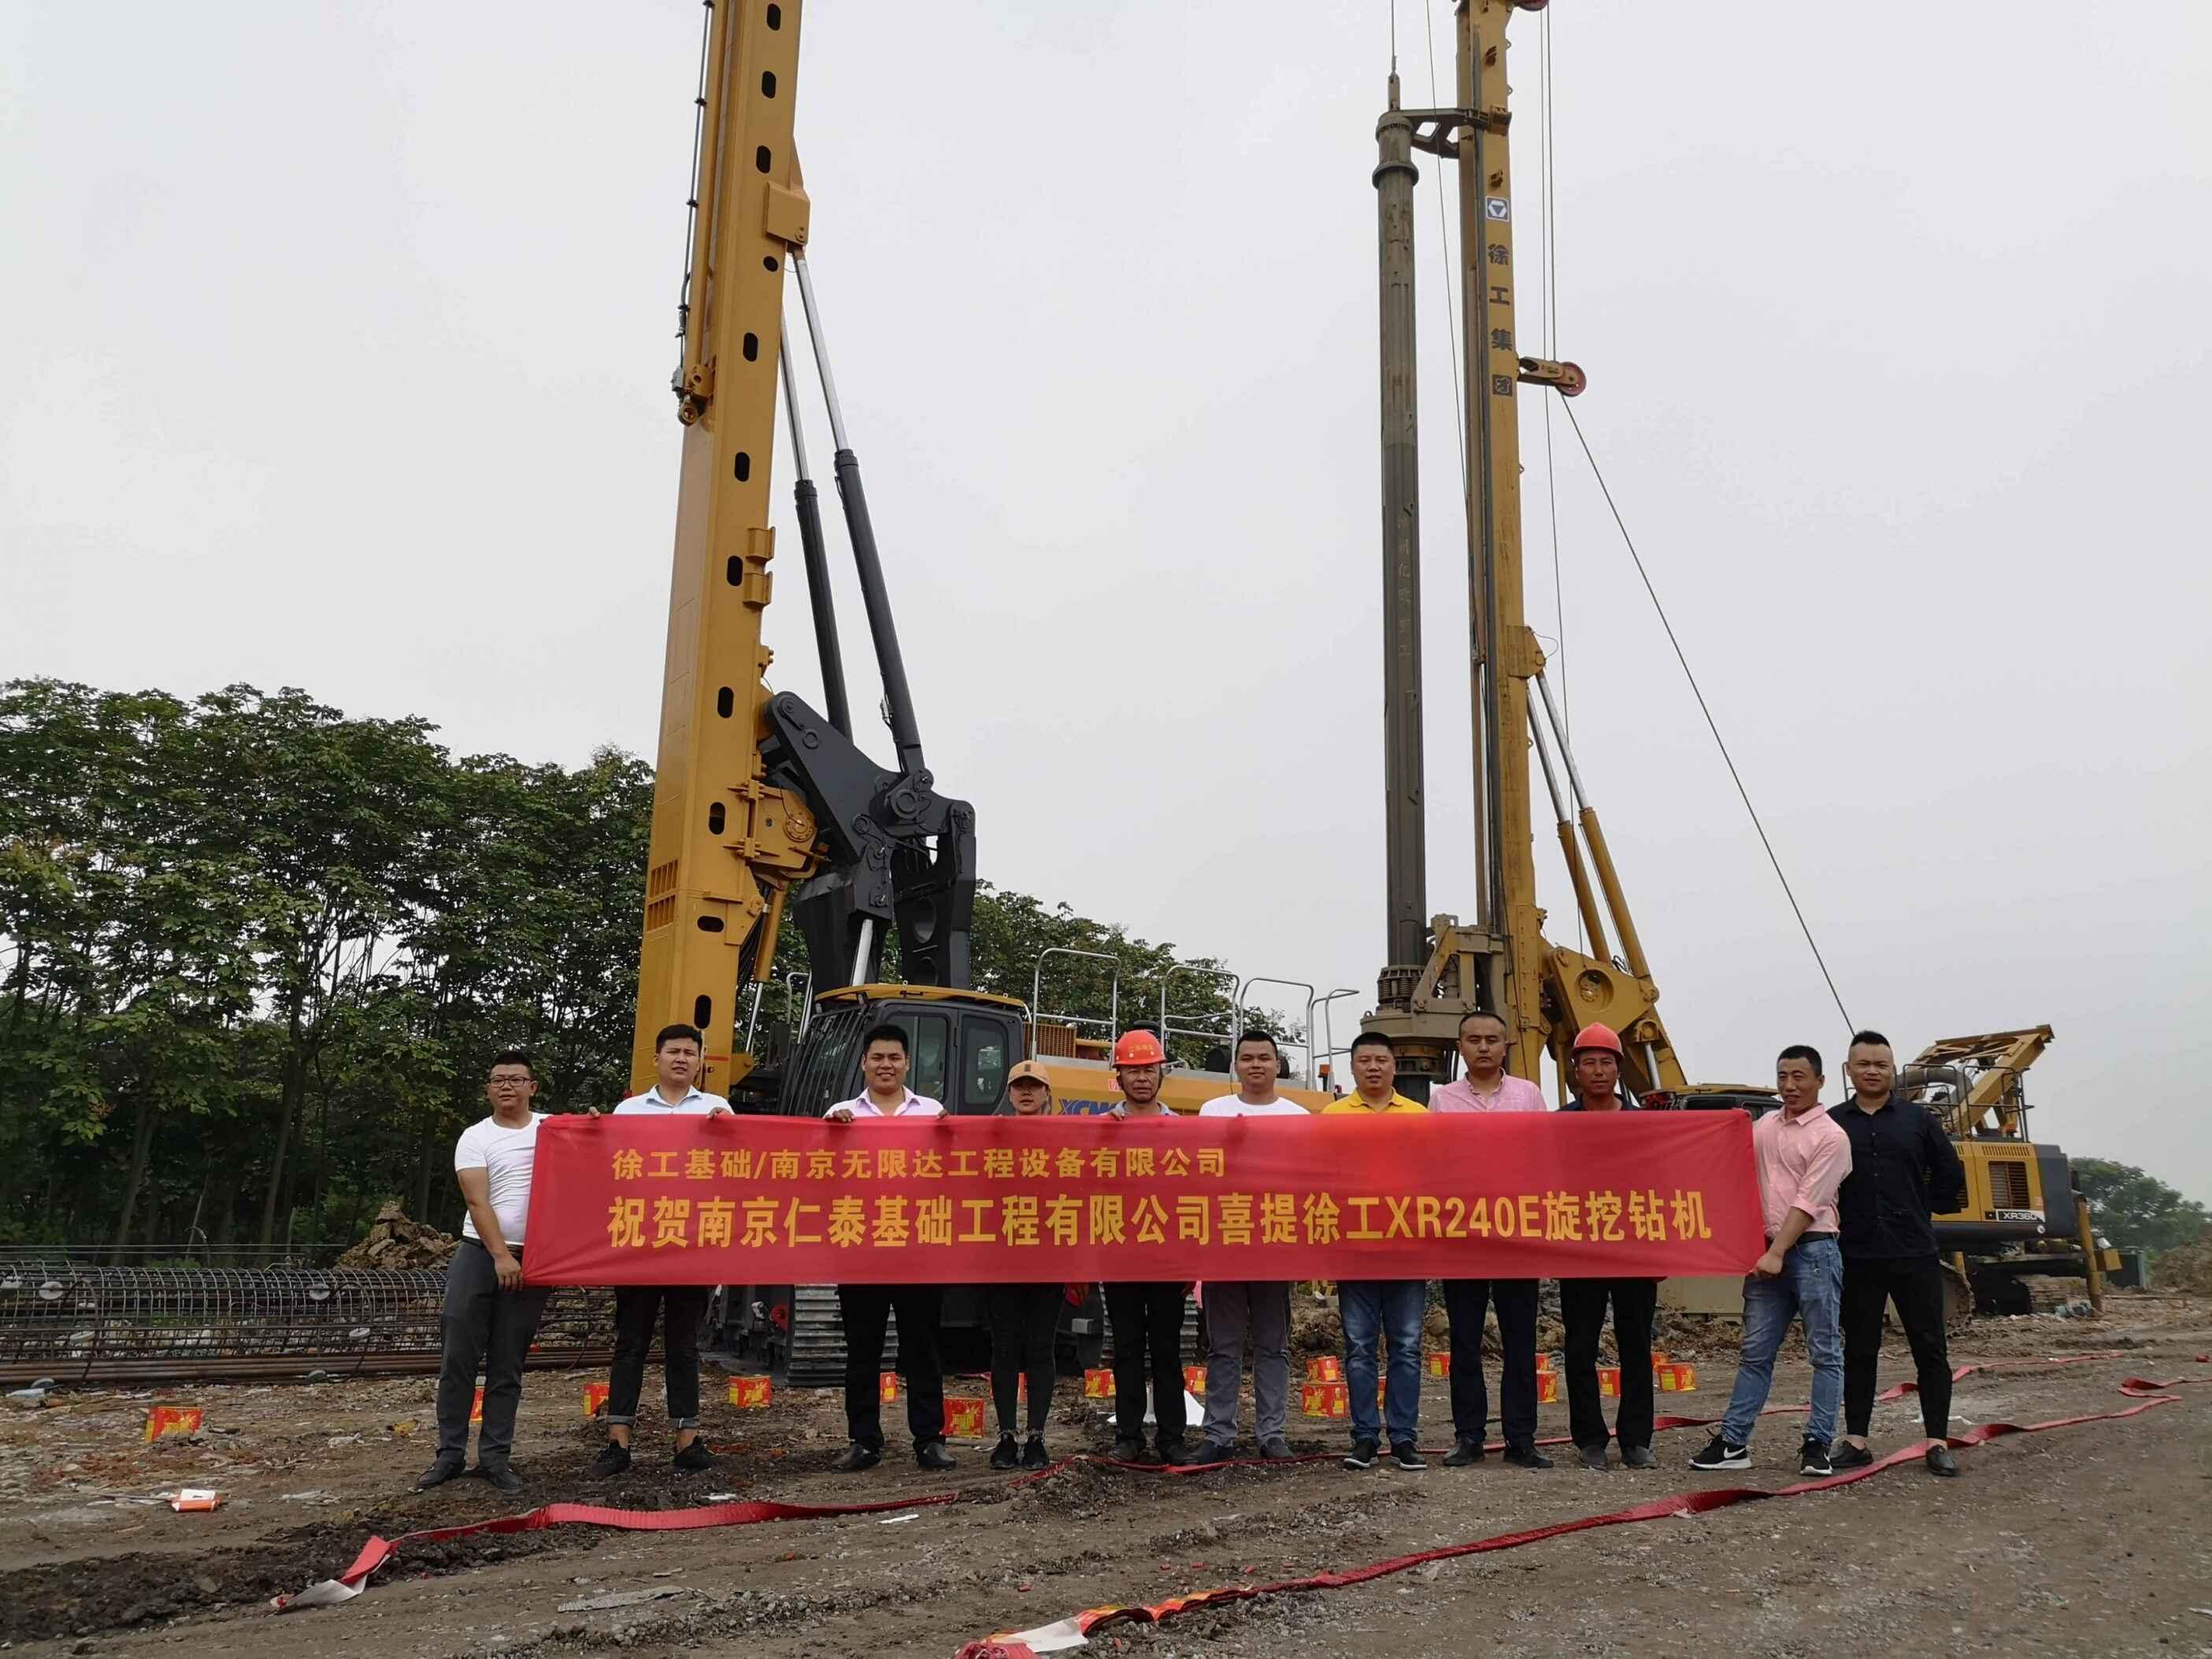 祝贺南京仁泰基础工程设备有限公司从无限达喜提徐工XR240E旋挖钻机